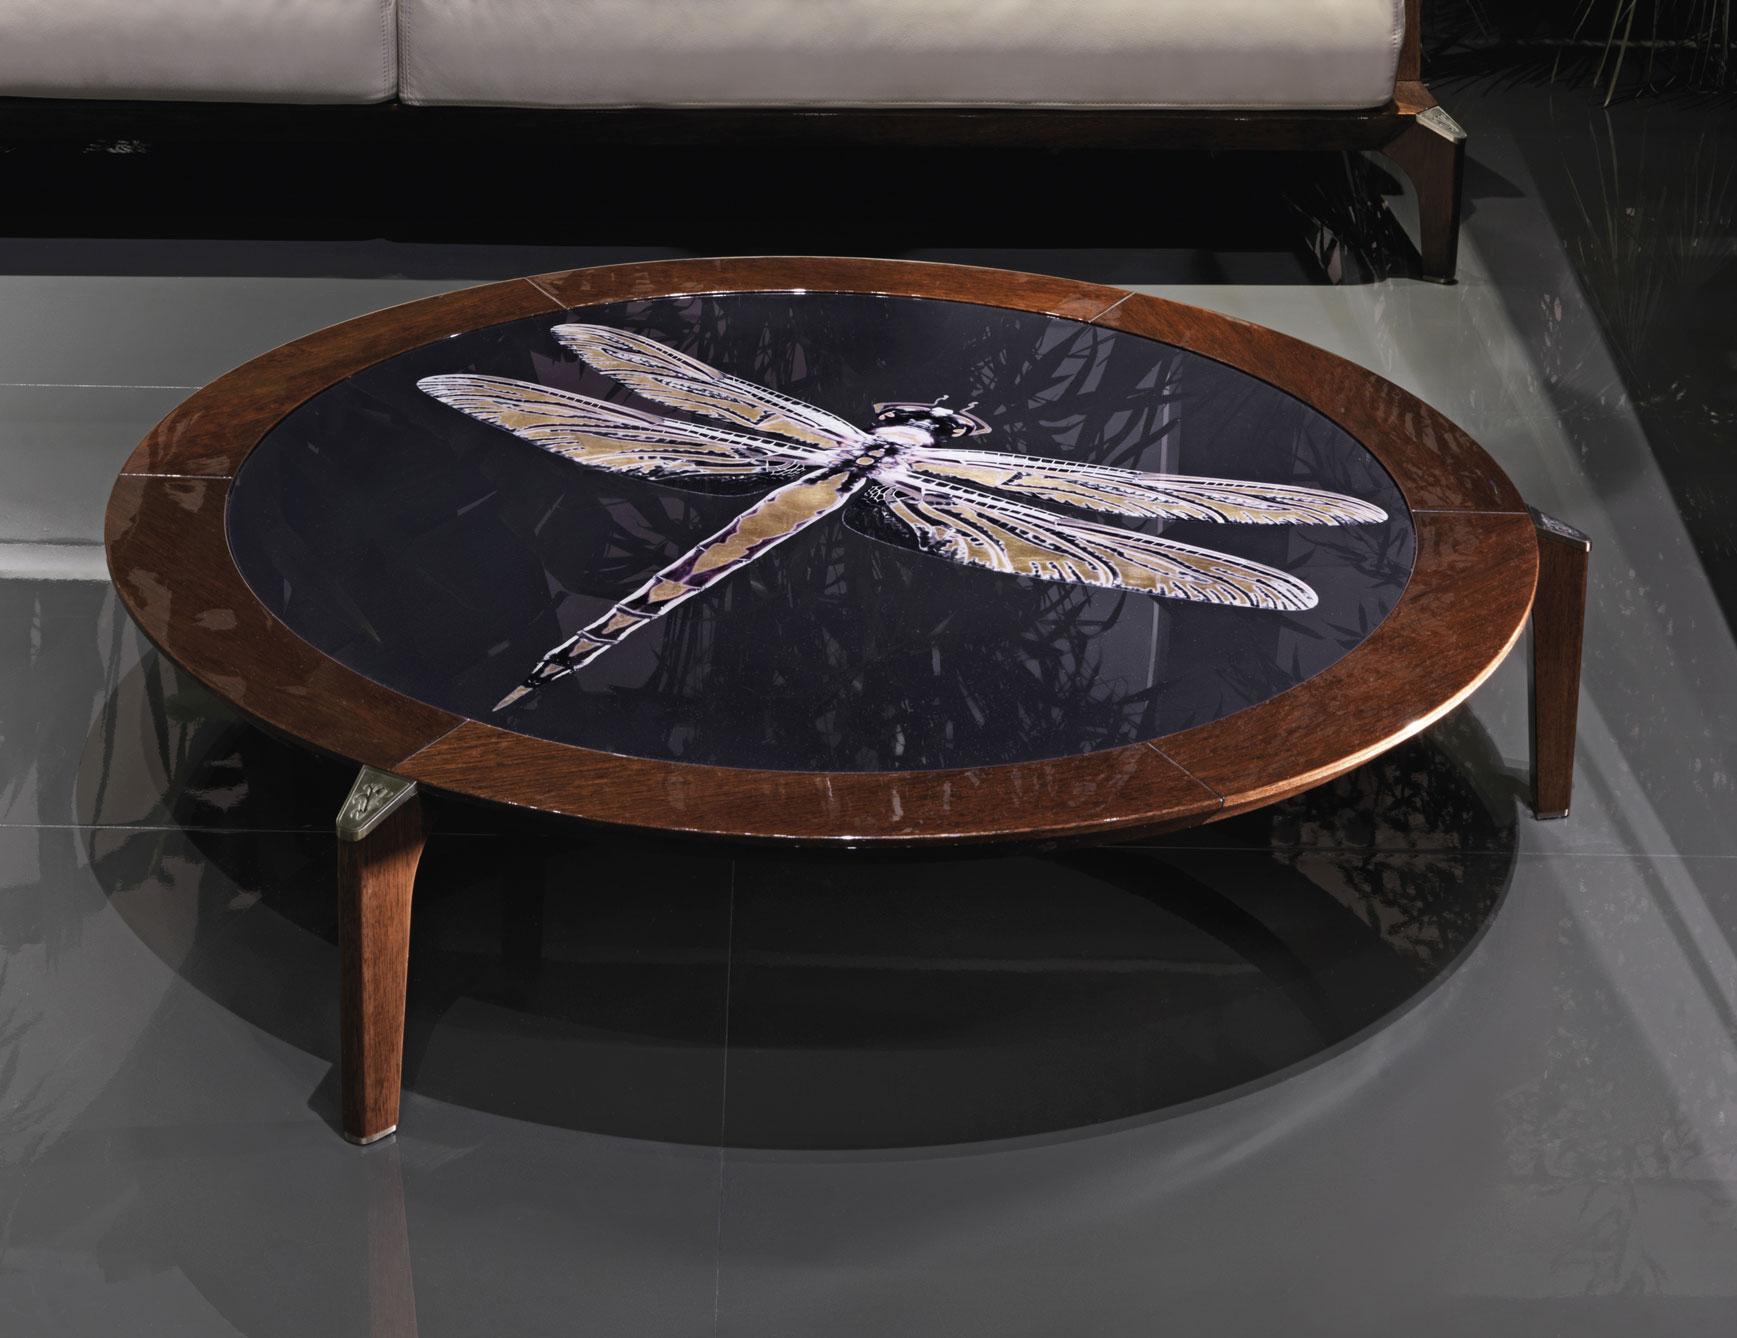 luxury coffee tables luxury coffee tables Luxury Coffee Tables by Nella Vetrina H1S3small table breeze indoor